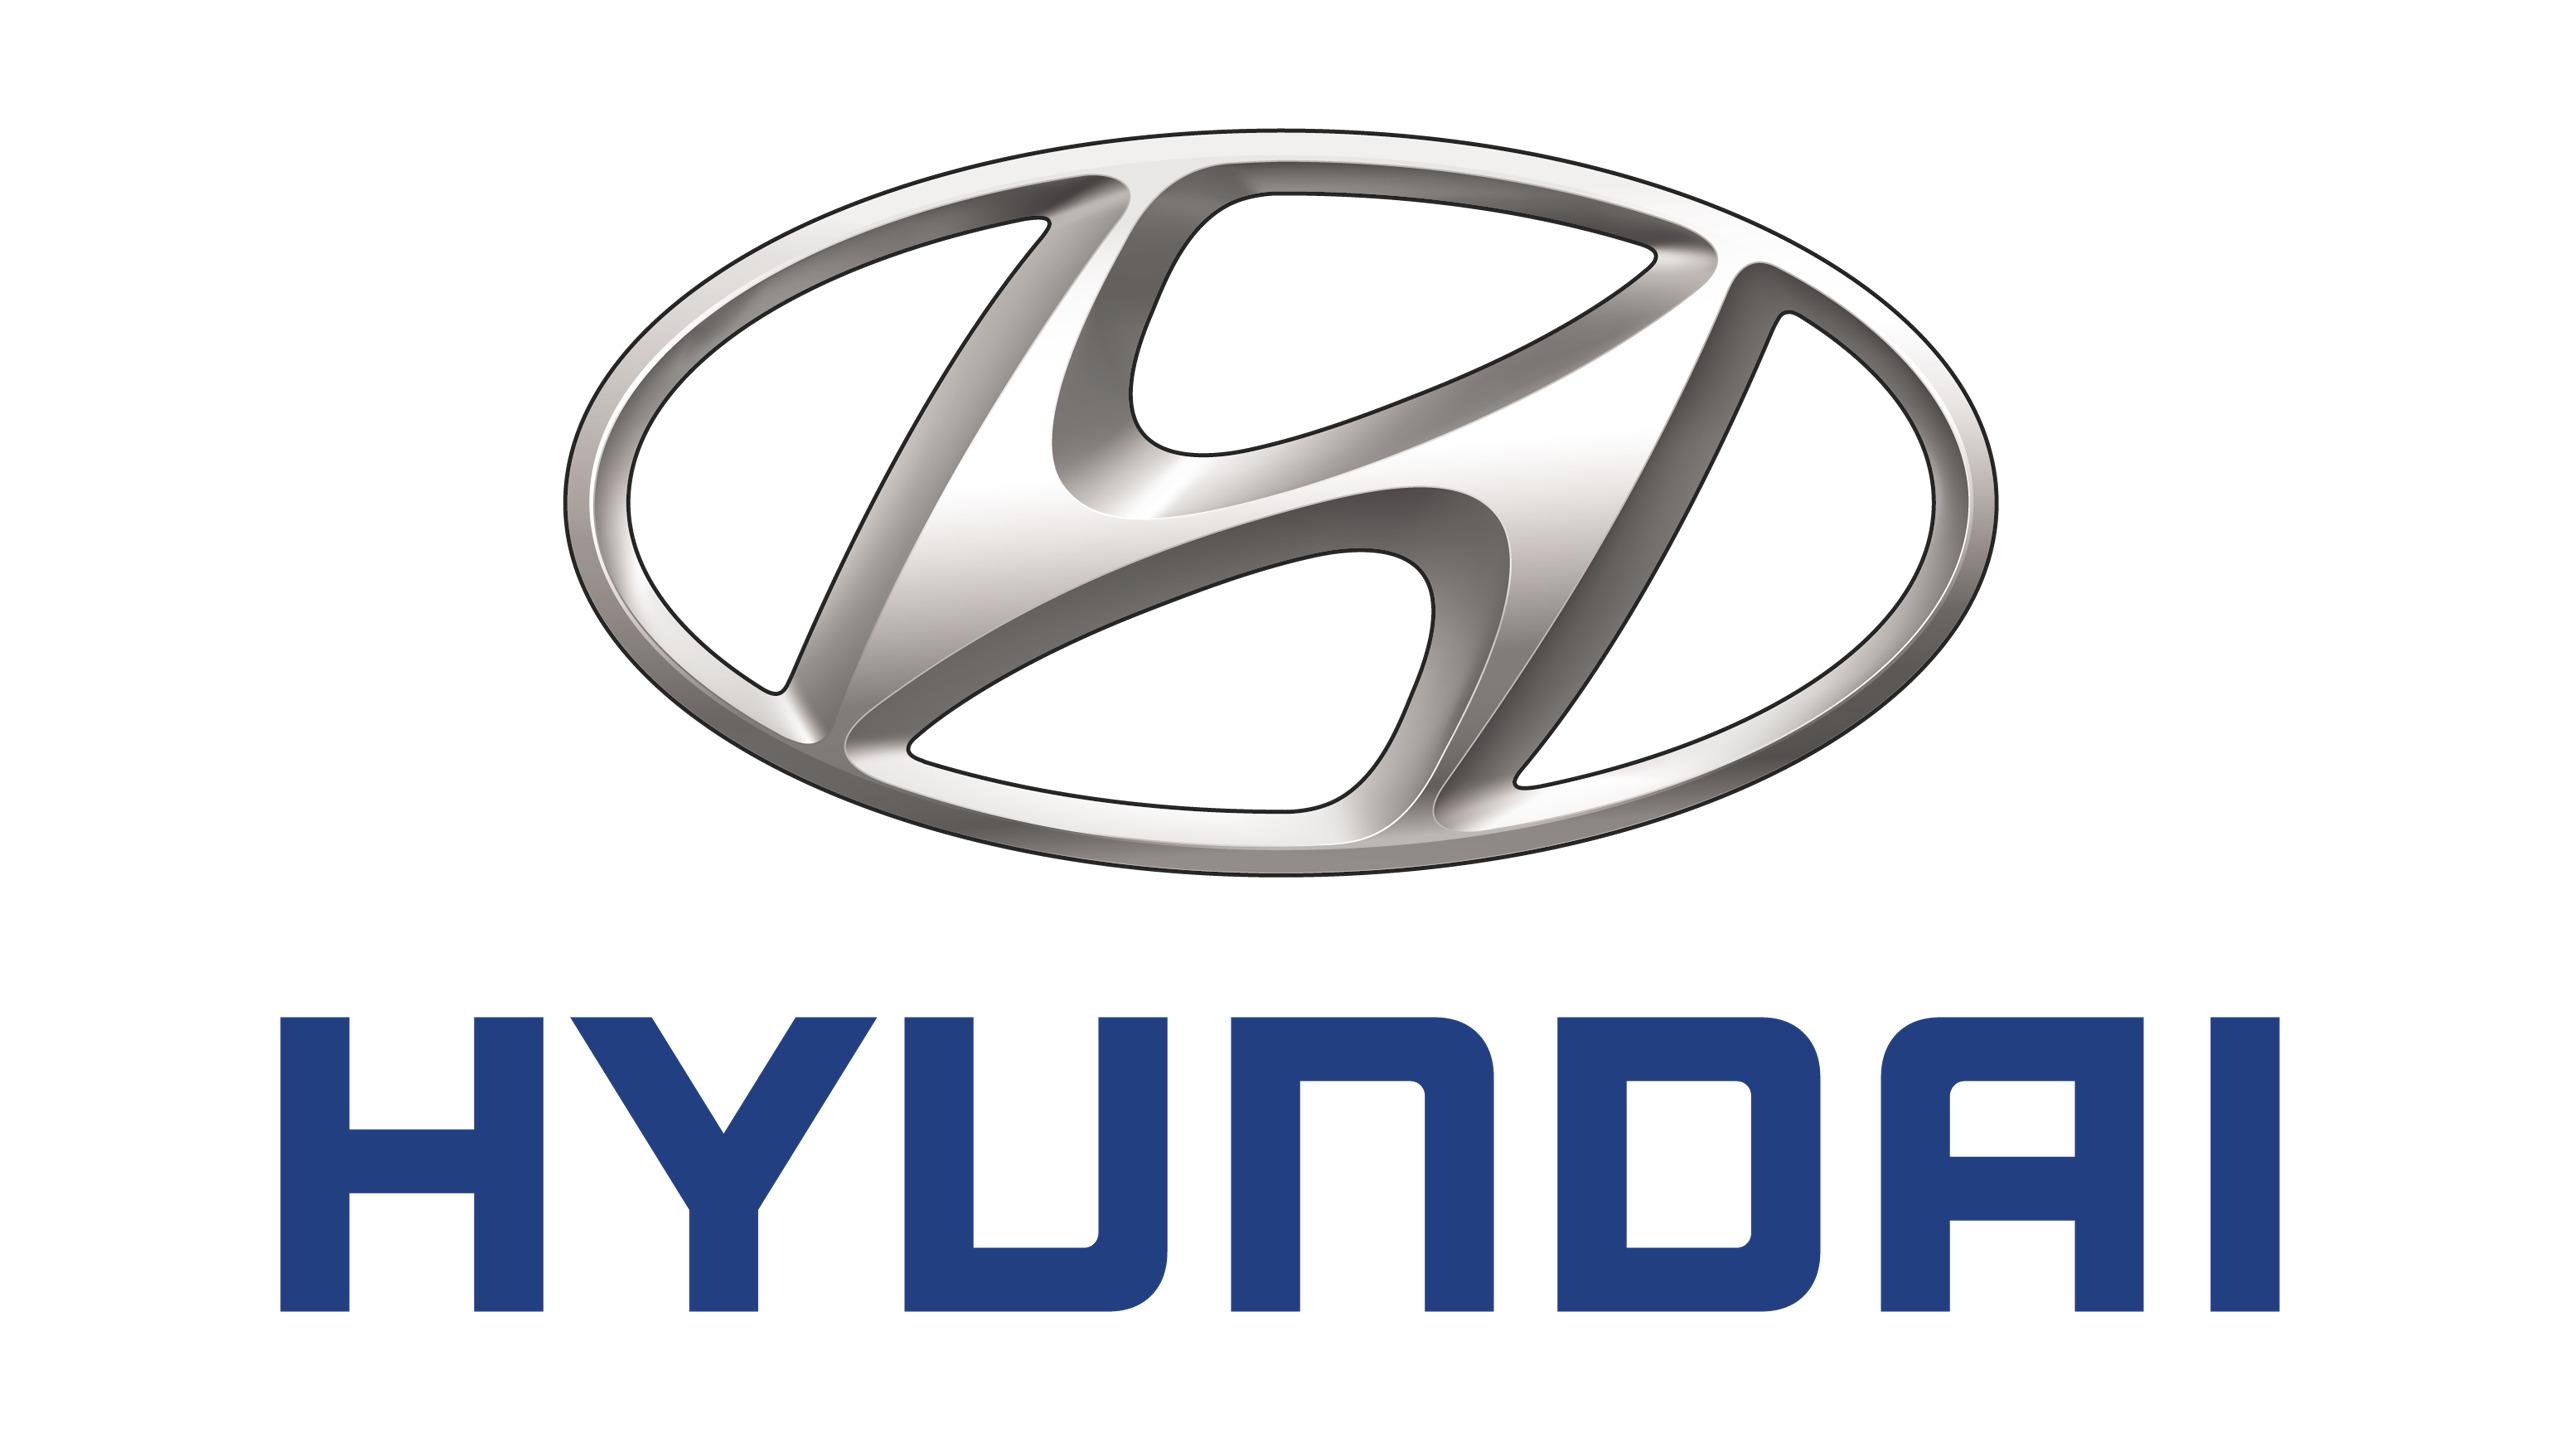 Imagen logo de Hyundai